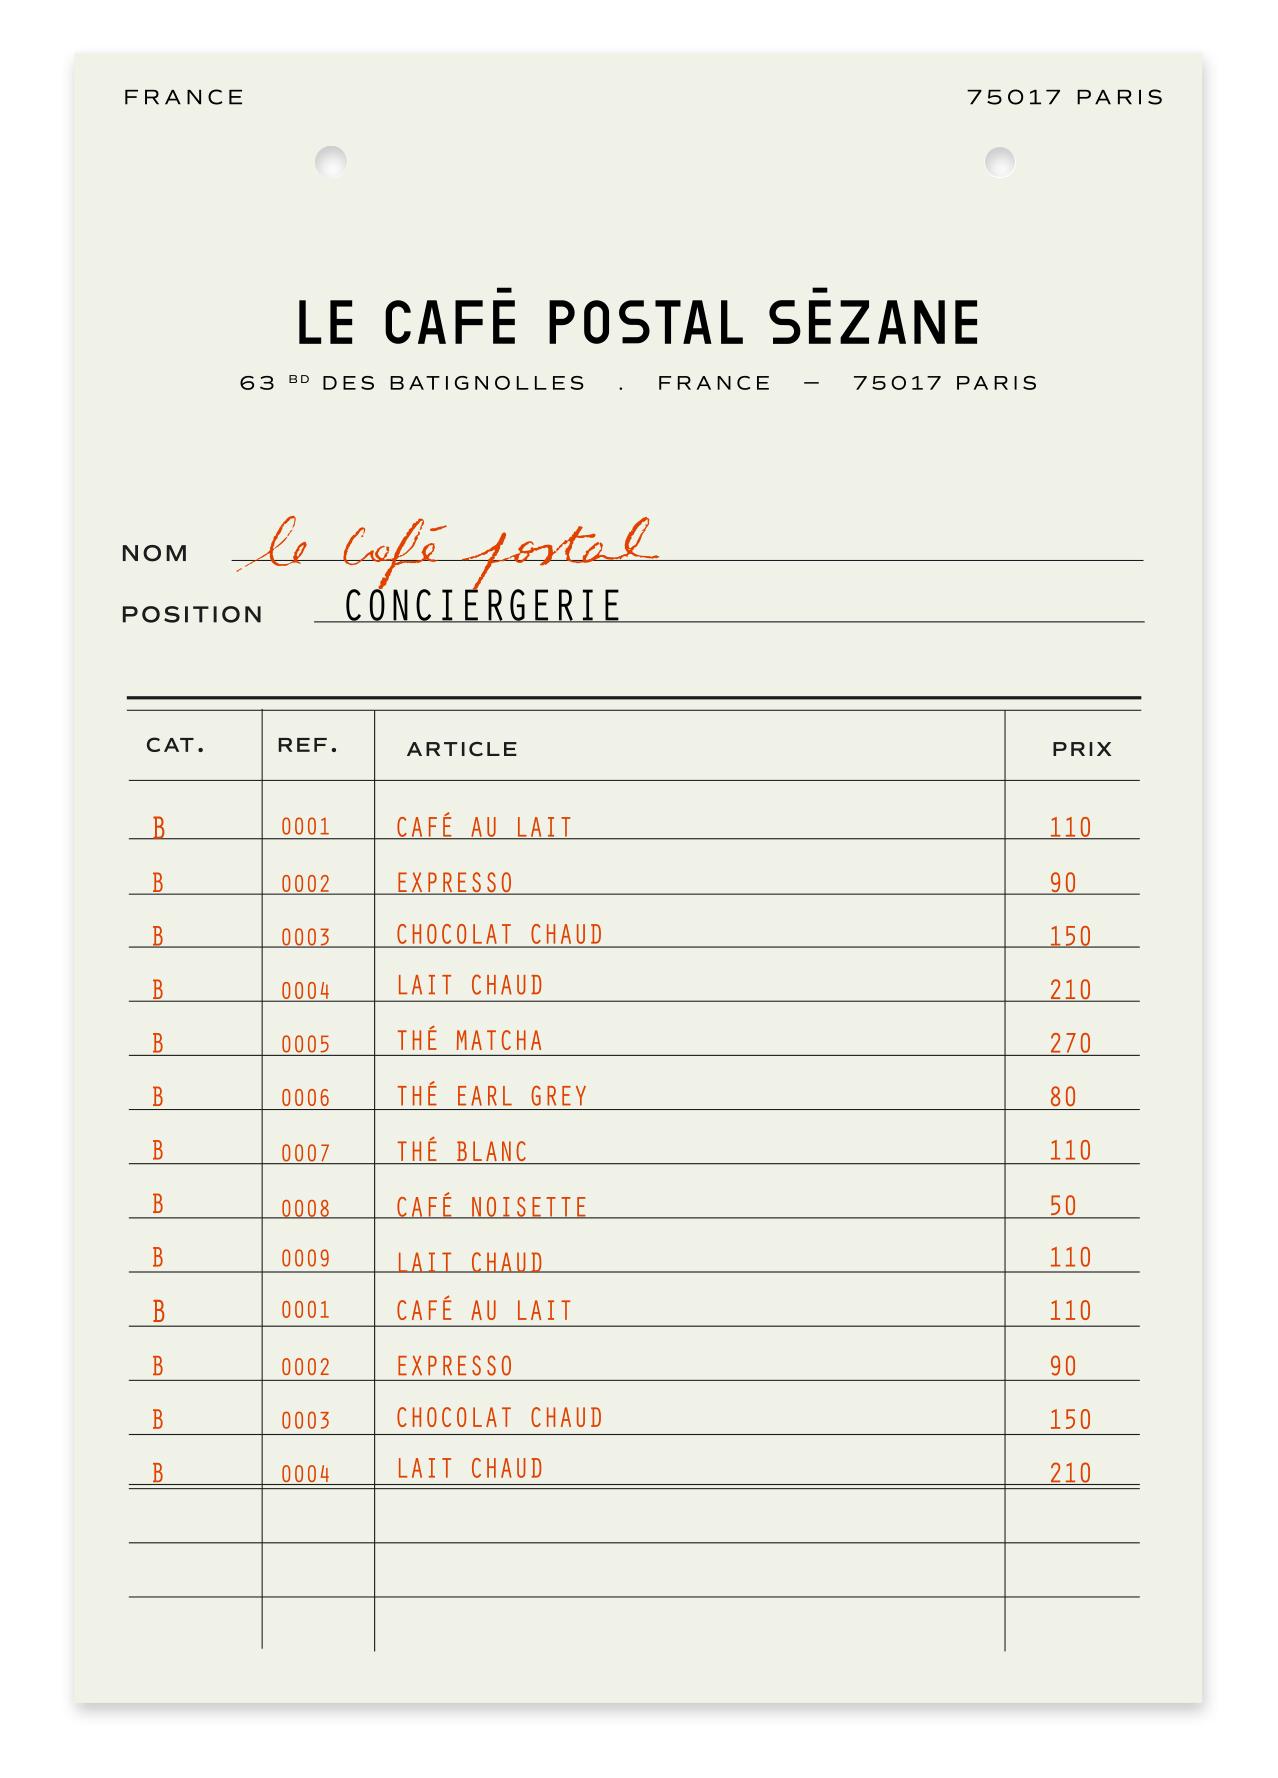 DA-CafePostal